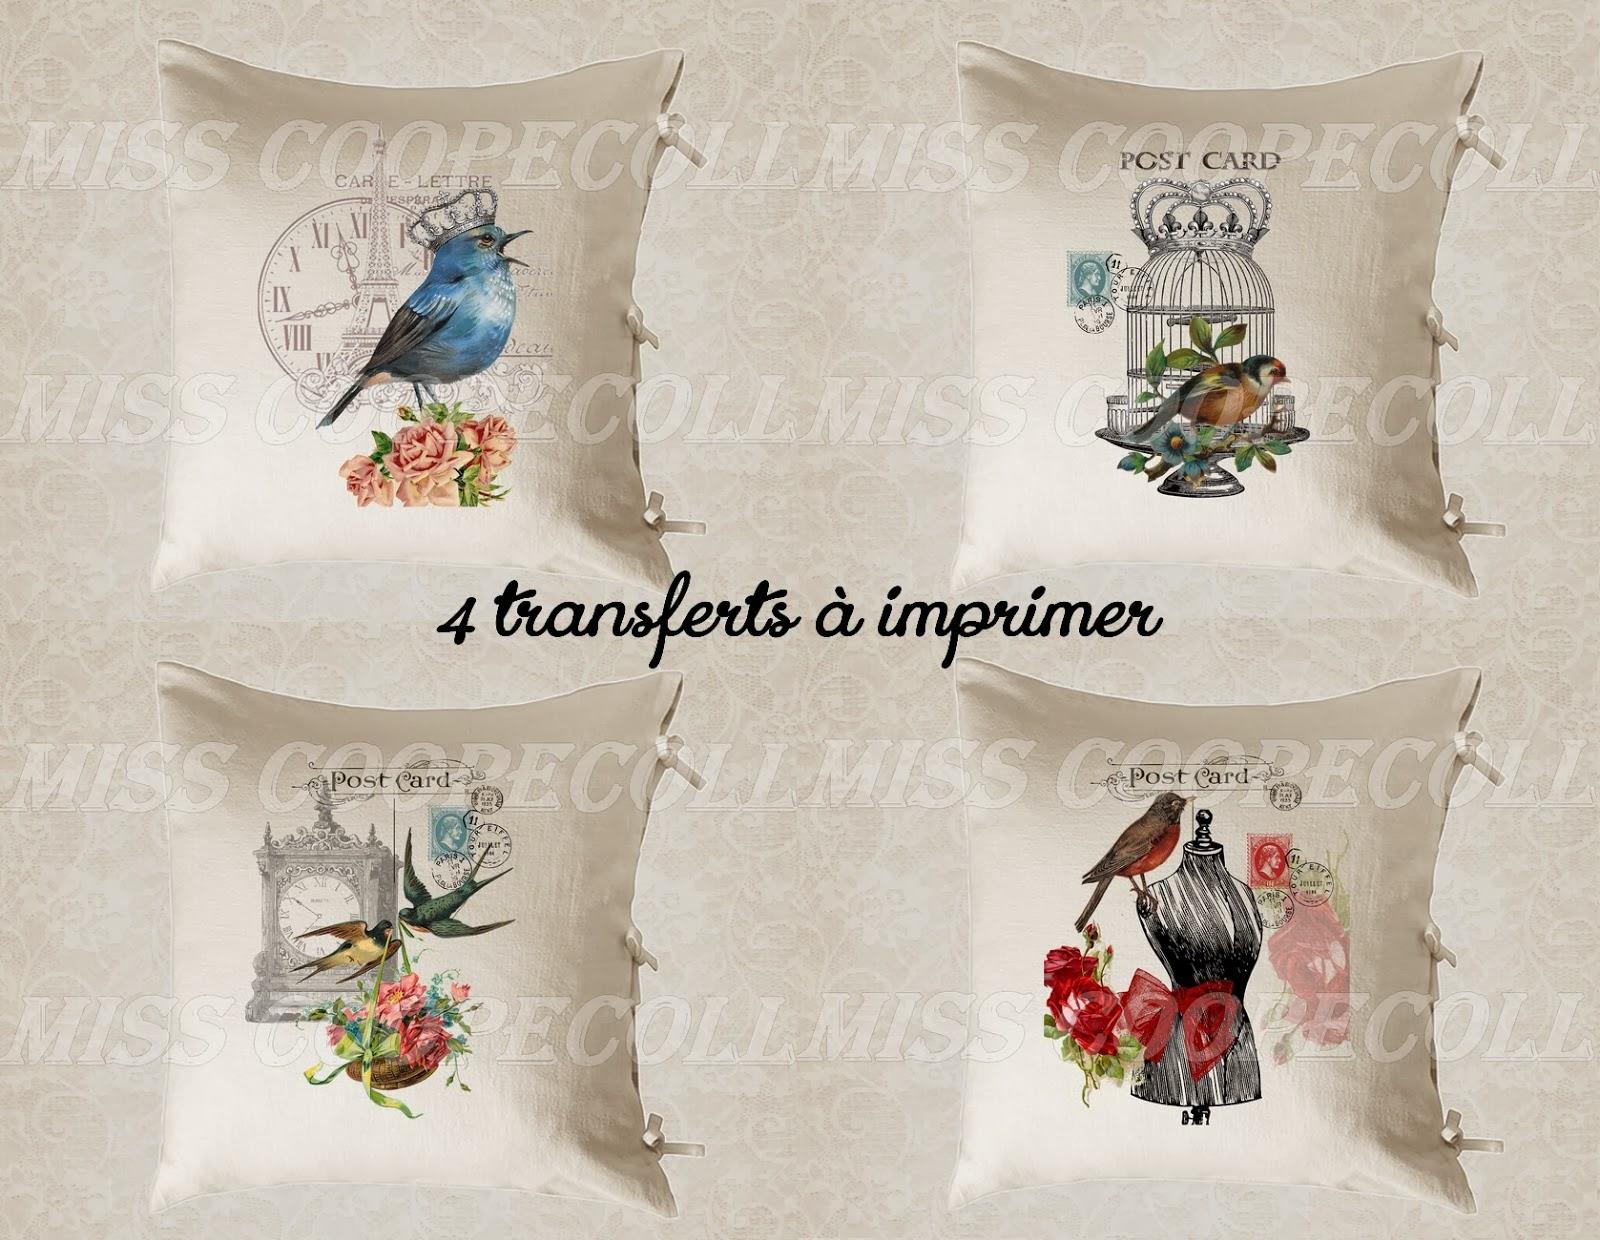 http://www.alittlemarket.com/autres-pieces-pour-creations/nouveau_4_images_digitales_pour_transfert_tissu_beautiful_birds2_envoi_par_mail-6915037.html